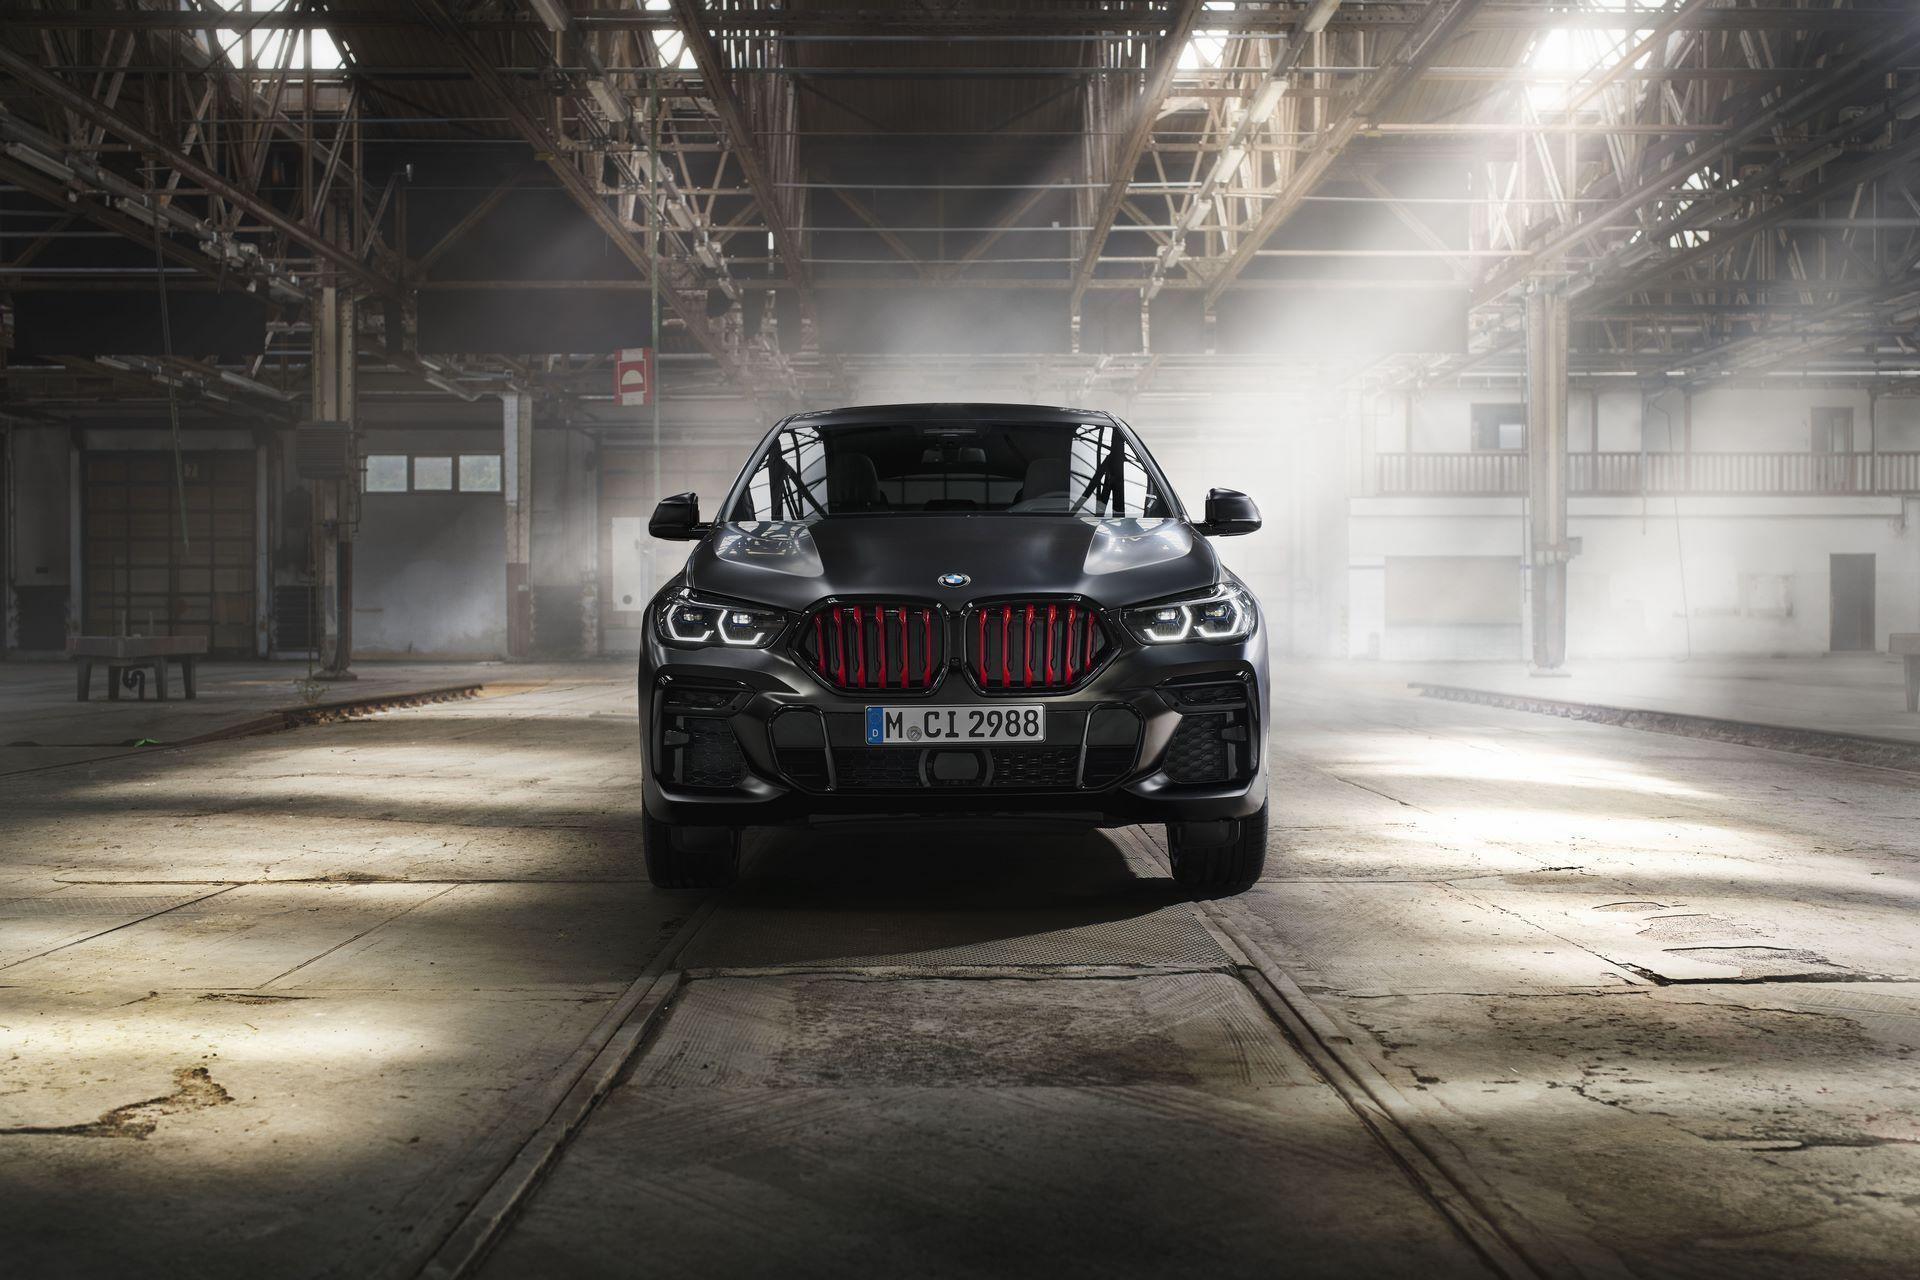 BMW-X5-Χ6-Black-Vermilion-X7-Limited-Edition-6